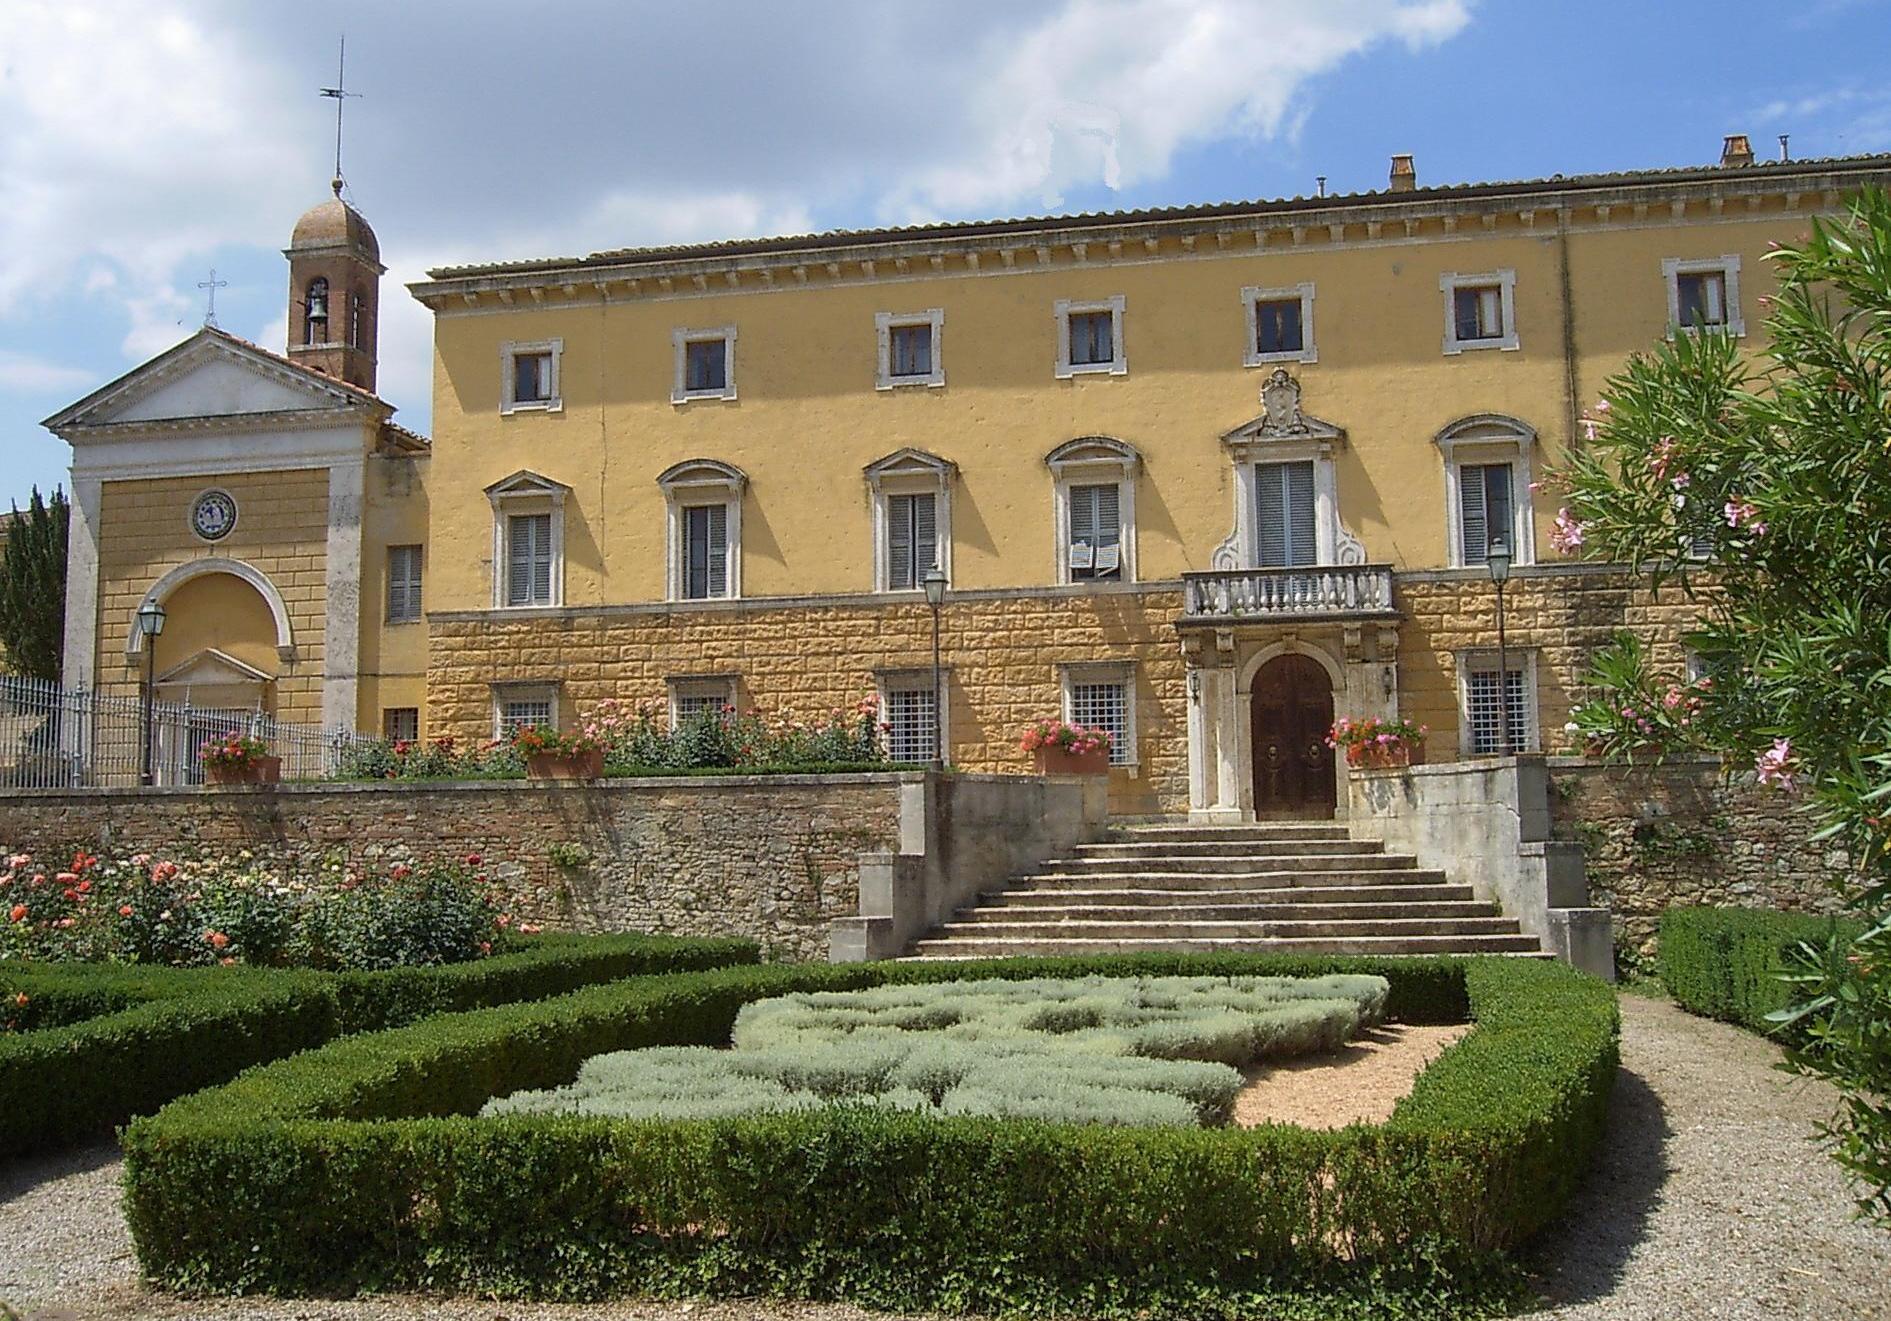 Visite guidate e degustazioni a Villa Chigi con L'Eroica